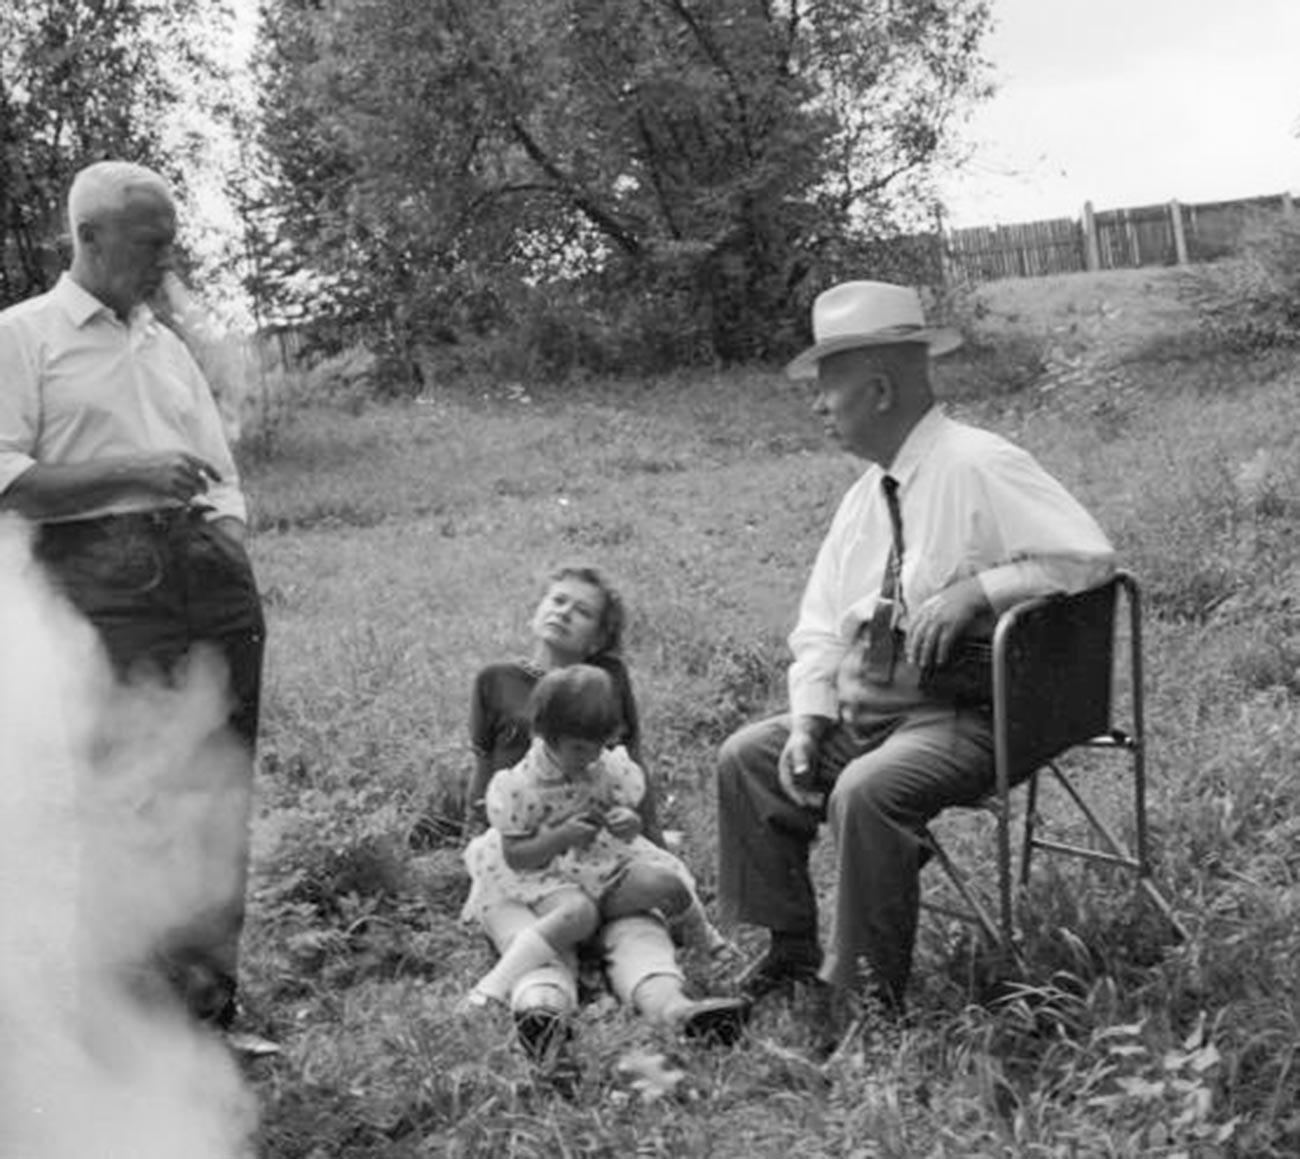 Nikita Khrouchtchev, le cinéaste soviétique Roman Karmen et une femme avec une fille